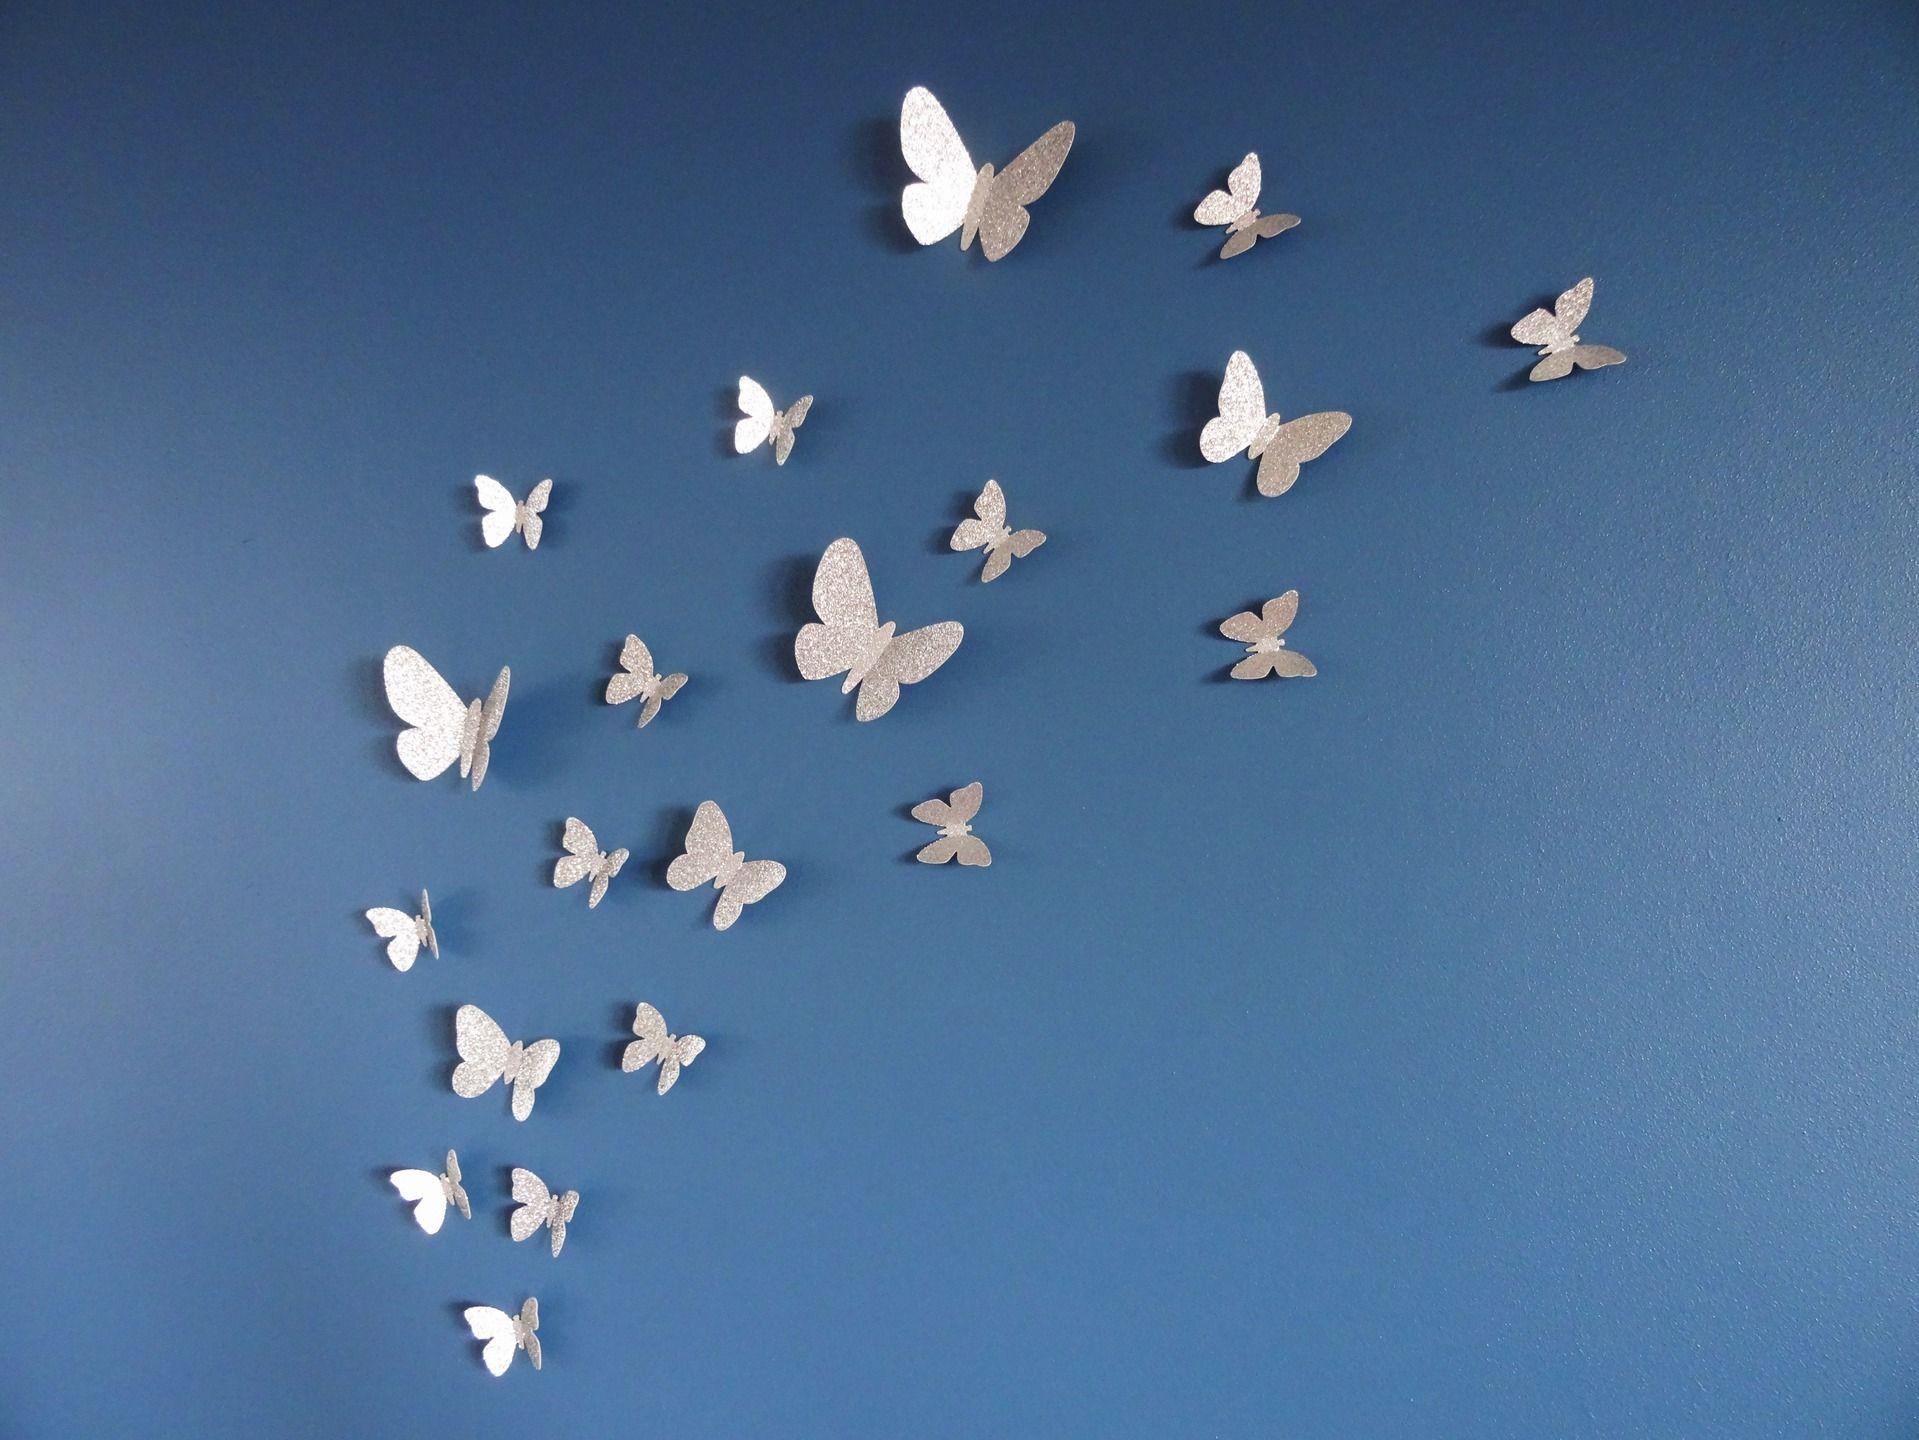 Lot De 20 Papillons 3d Argente Paillette Pour Decoration Murale